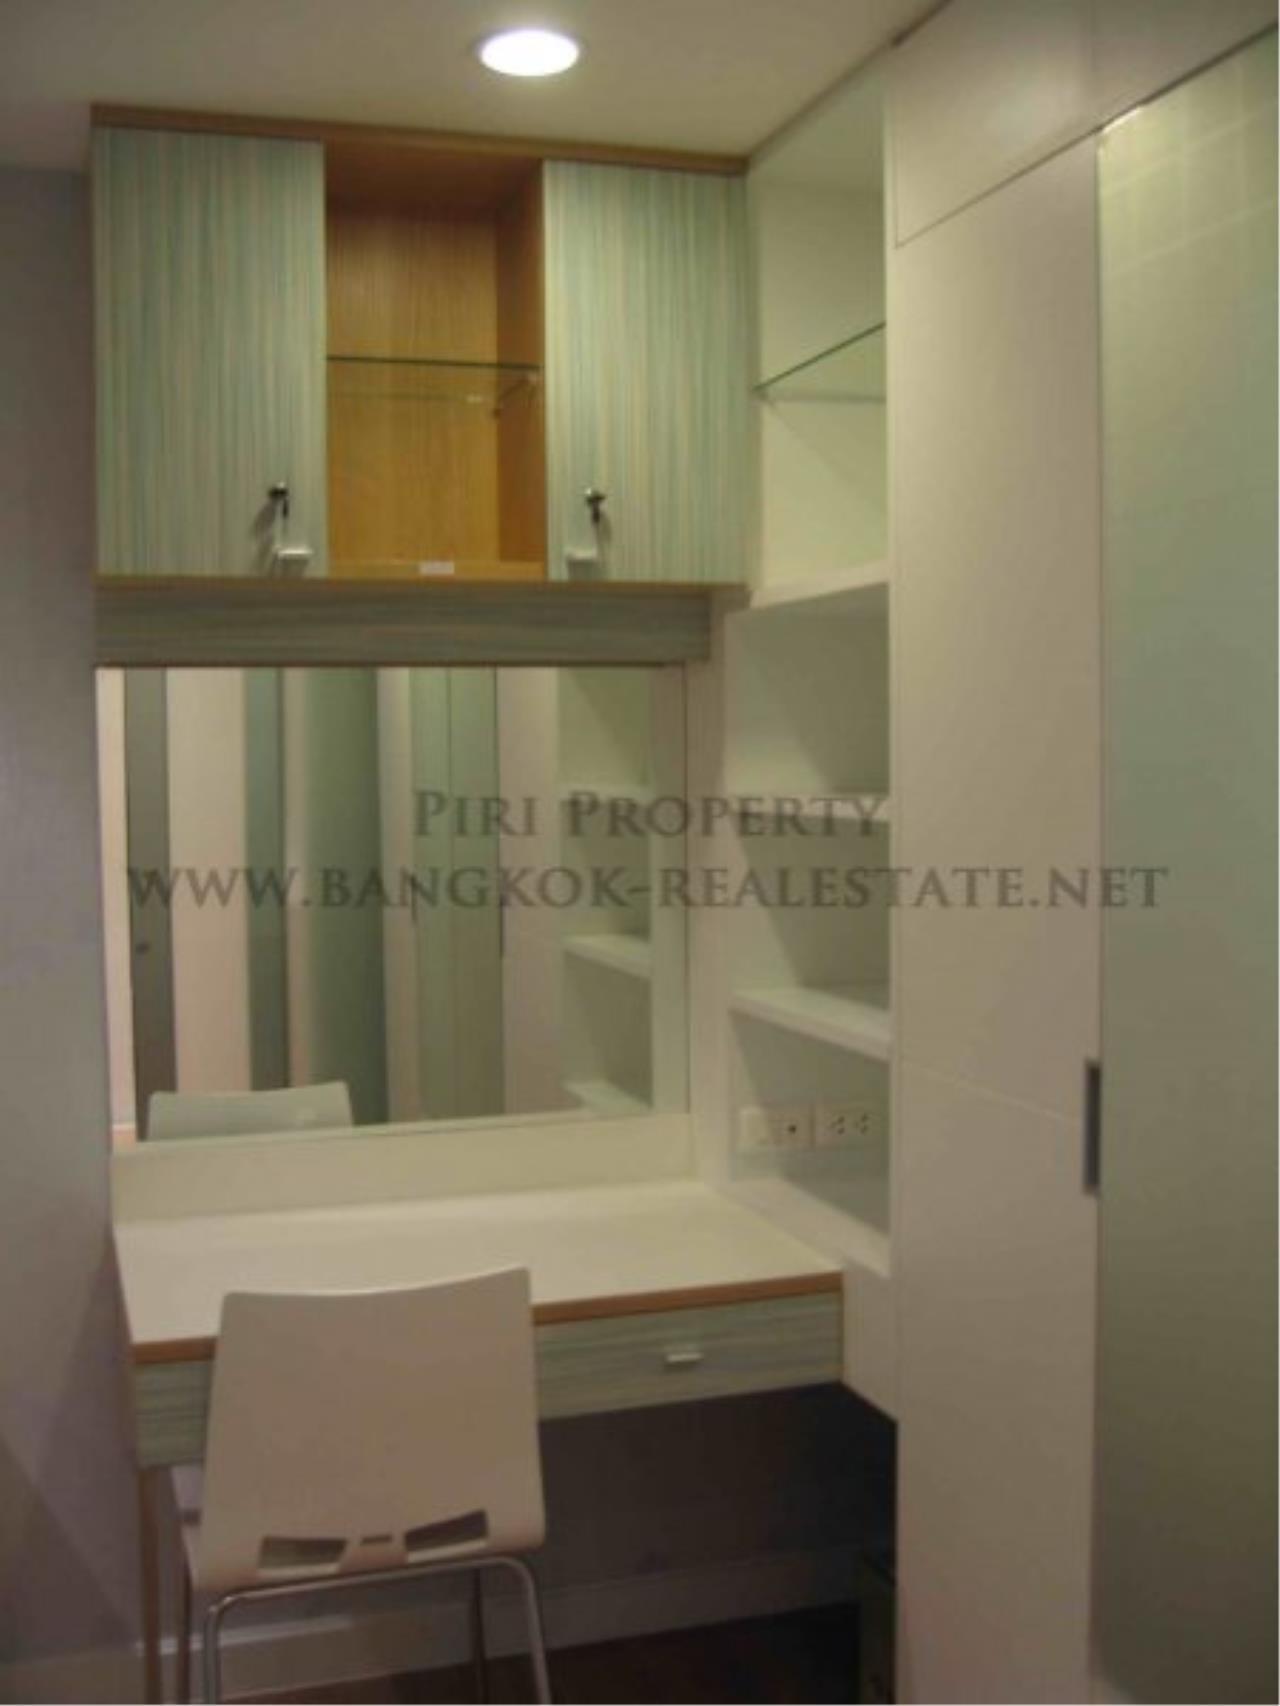 Piri Property Agency's Trendy Condominium in Nana for Sale - 2 Bedroom Condo 5